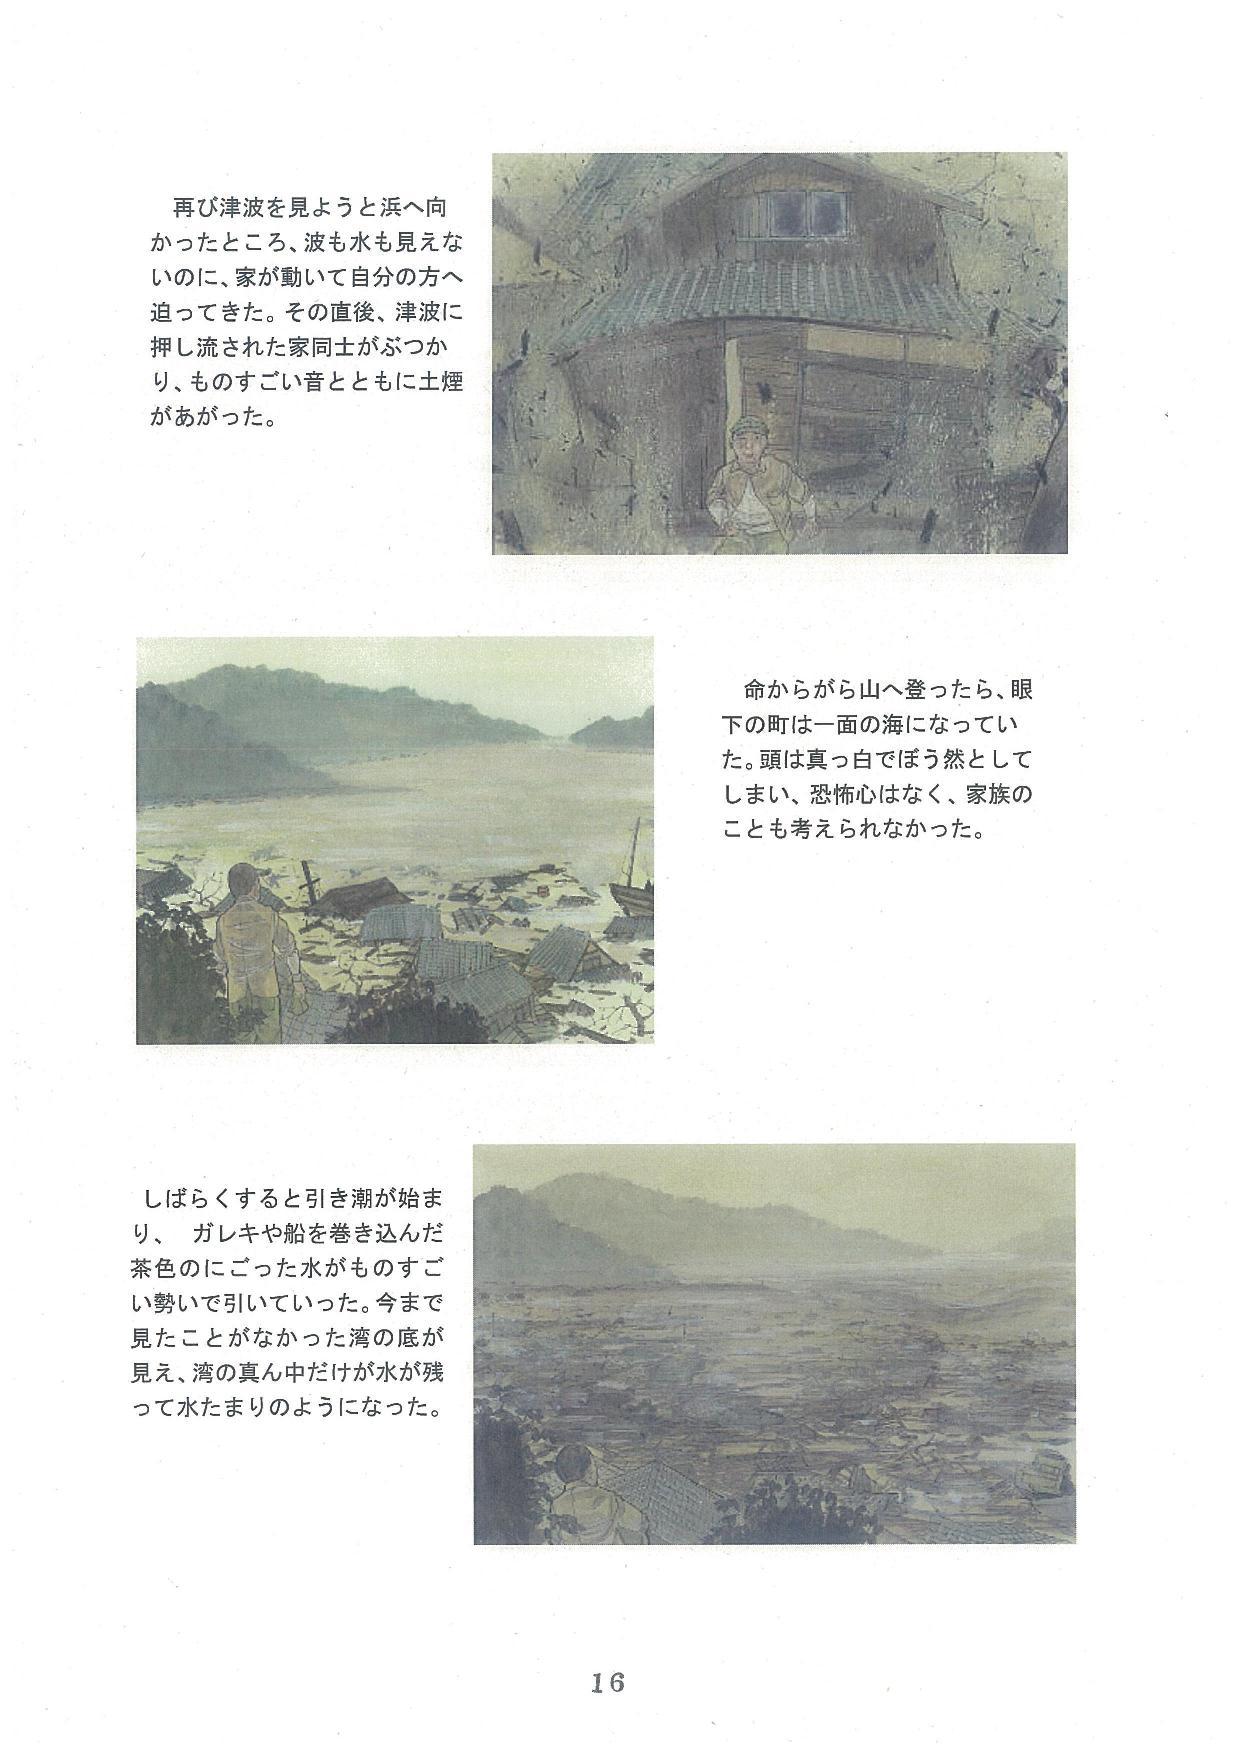 20171208-02_ページ_16